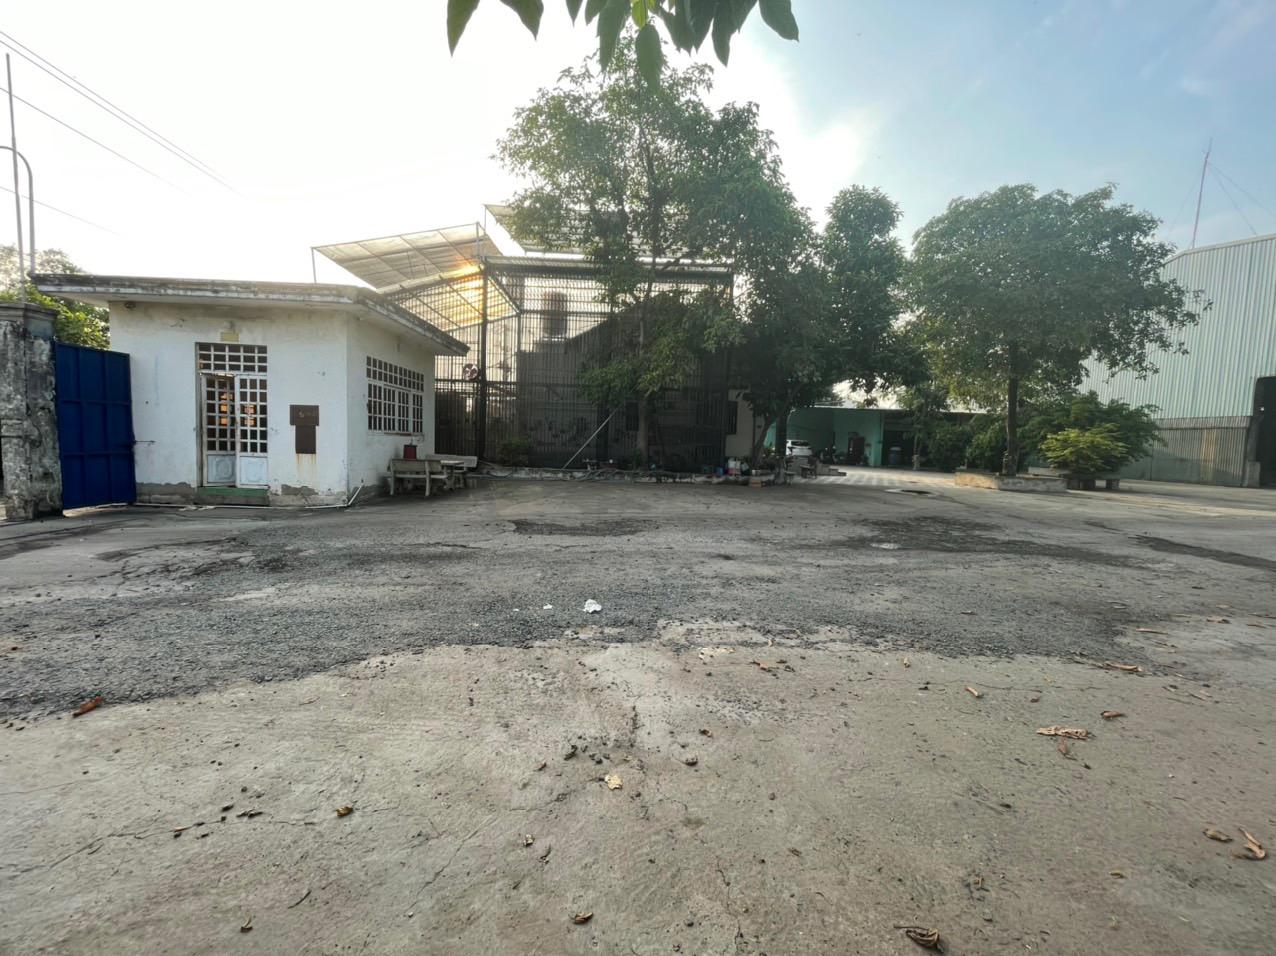 Cần bán Kho - Nhà xưởng Xã Minh Hưng, Chơn Thành, Diện tích 12500m², Giá Thương lượng - LH: 0936786008